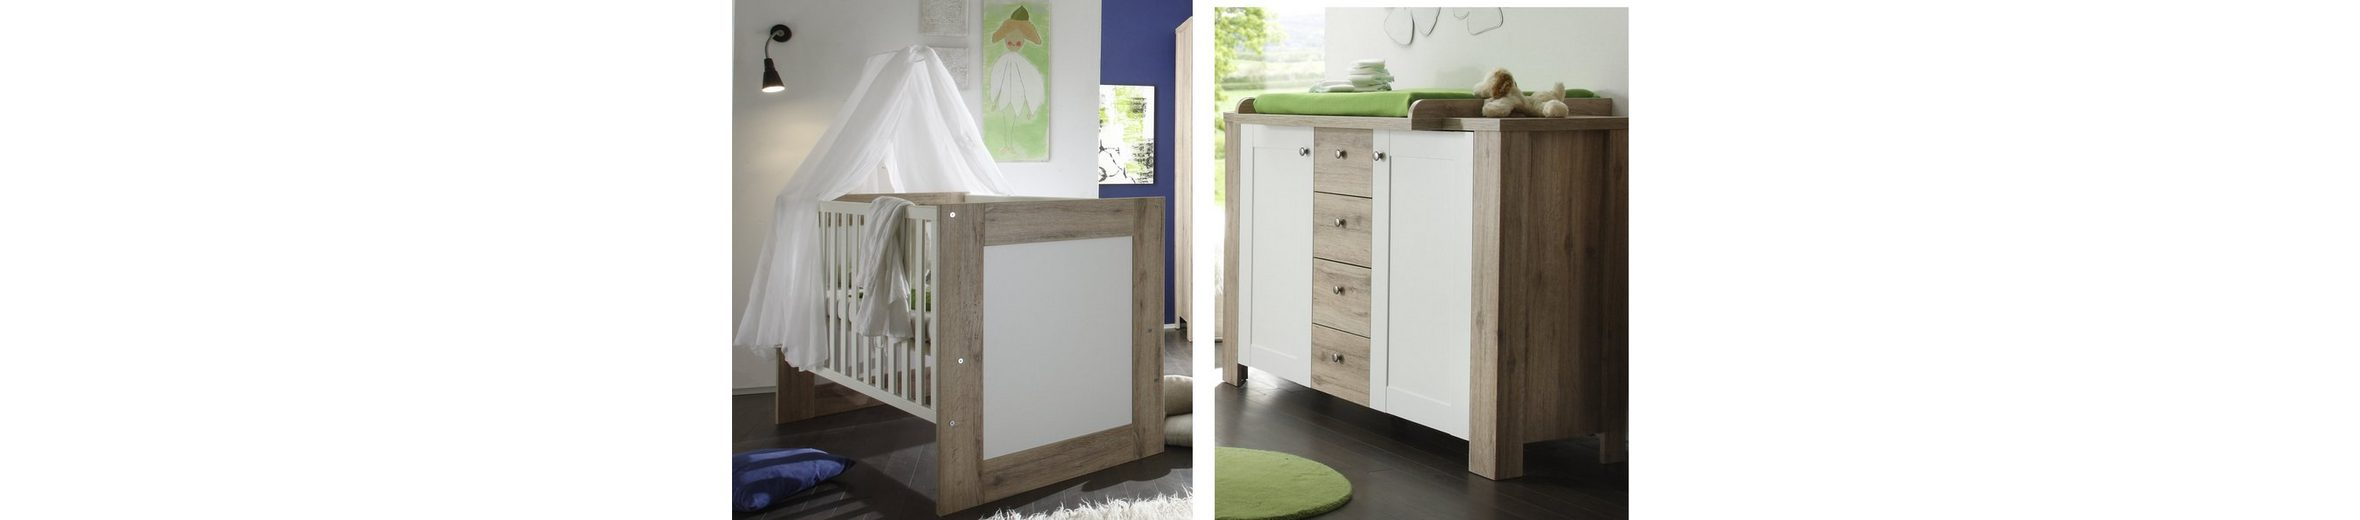 Spar-Set: Bett und Wickelkommde »Lupo«, in sanremo hell/ weiß matt